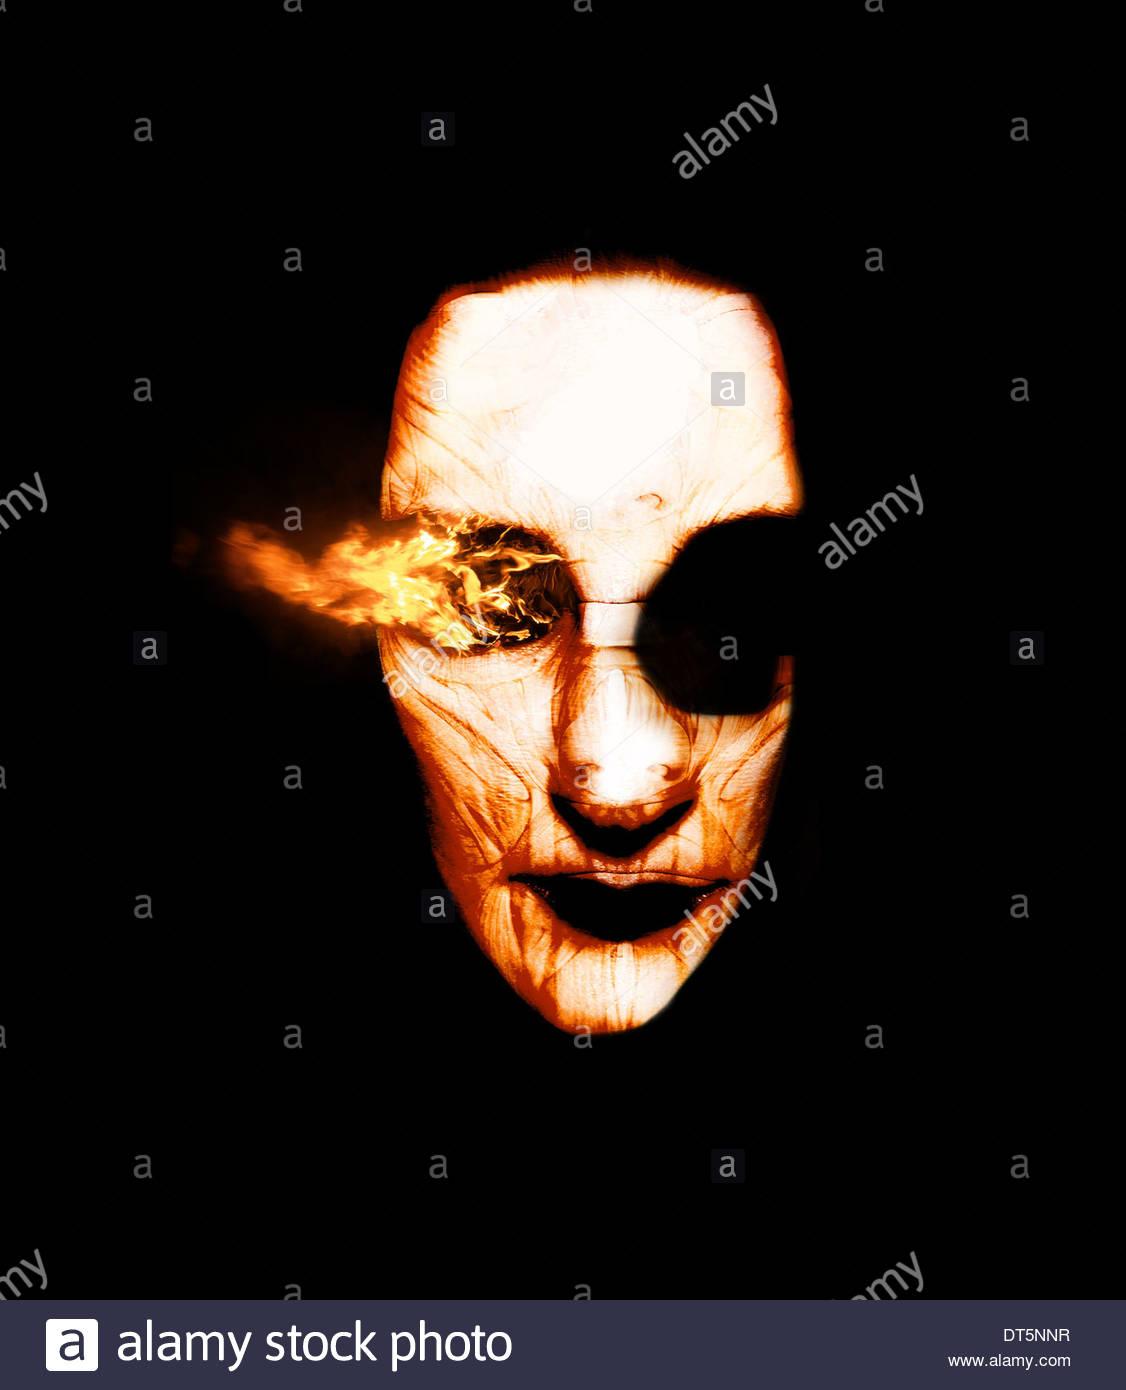 Visões de fogo queimar a partir do Olho de um feiticeiro queimada na cabeça um assustador Fiery aparição Imagens de Stock